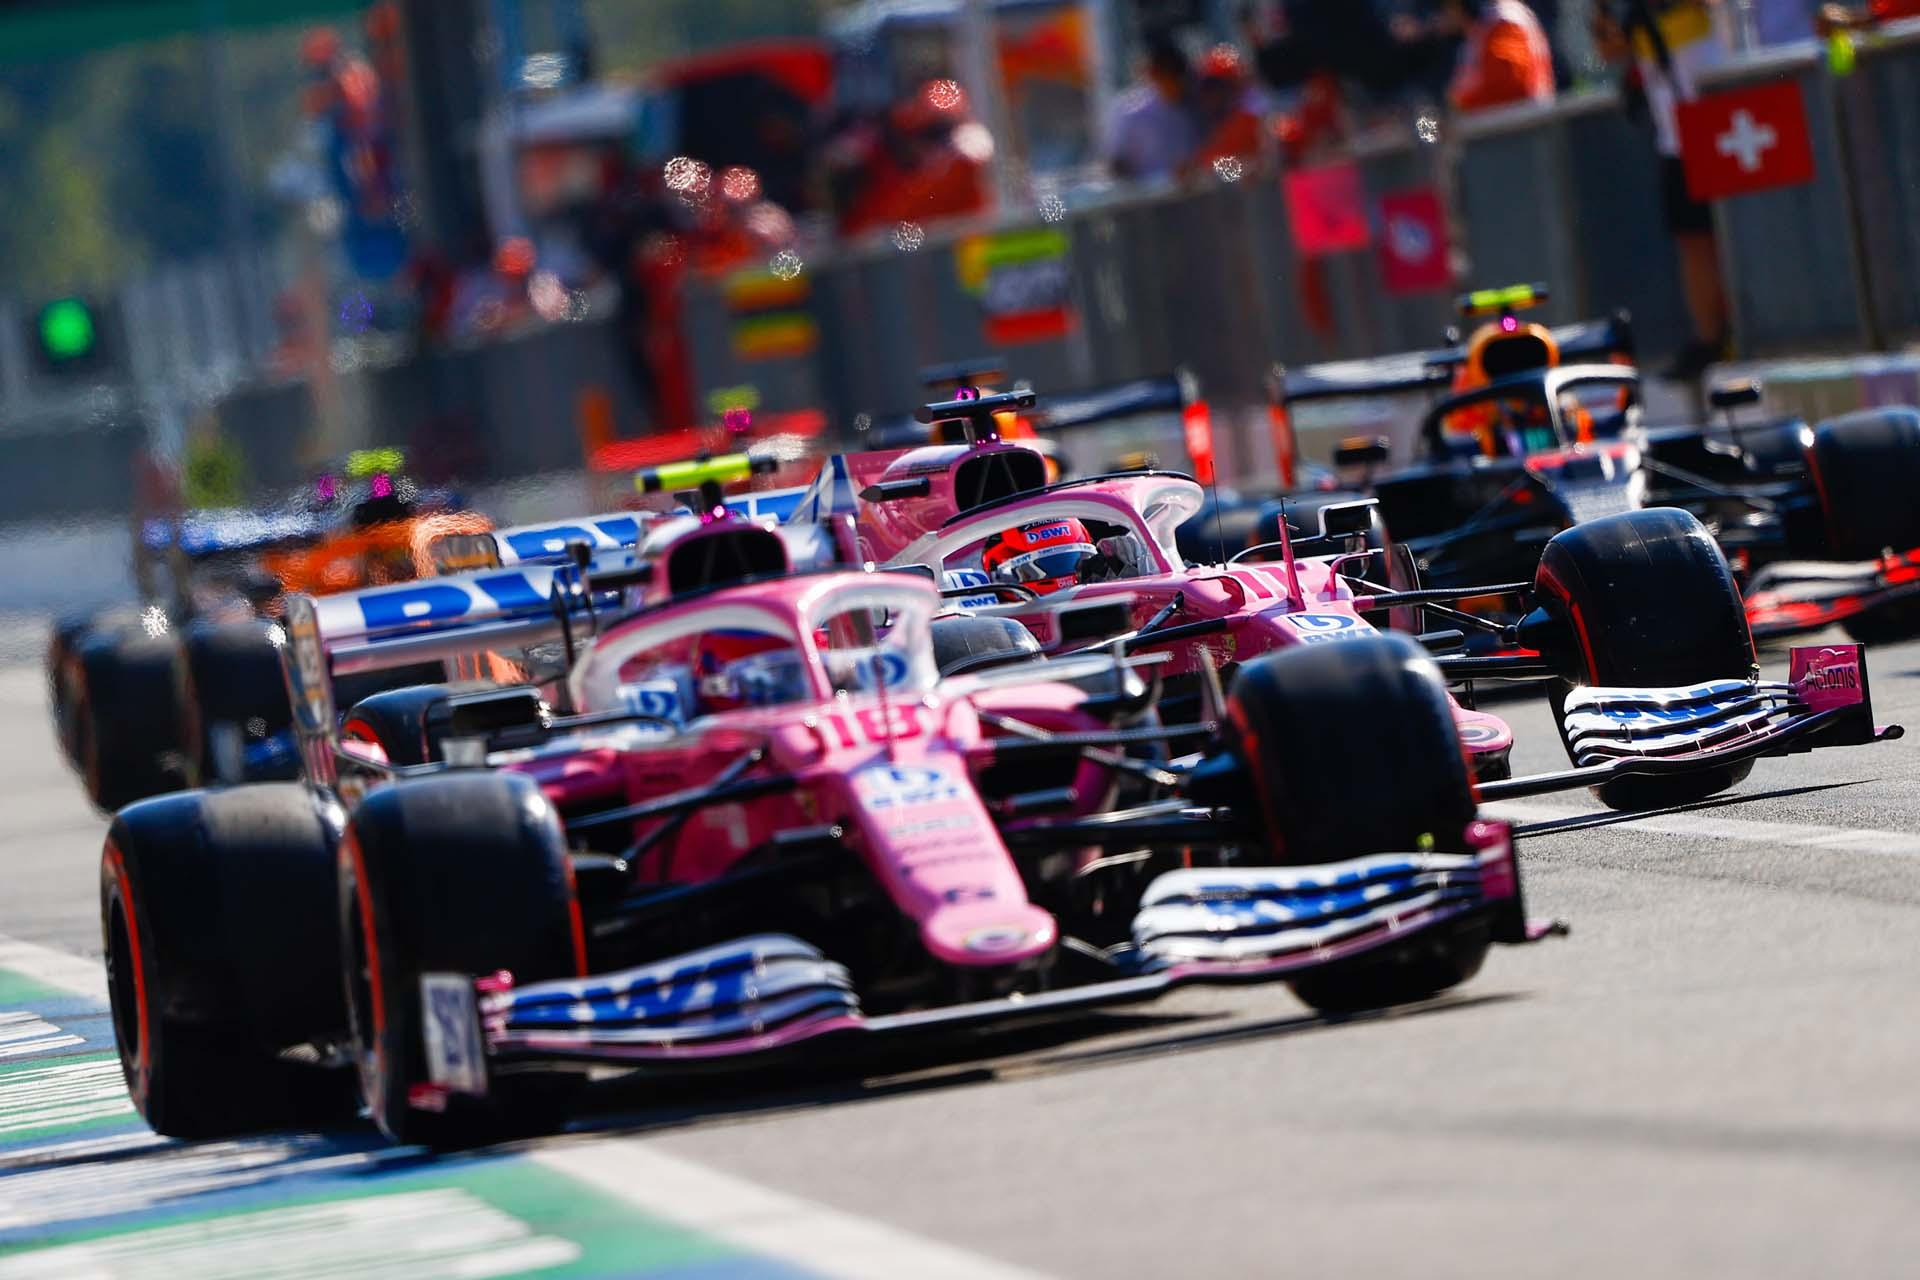 2020ItalianGPSaturday_RacingP_GP2008_133551_ONZ9528